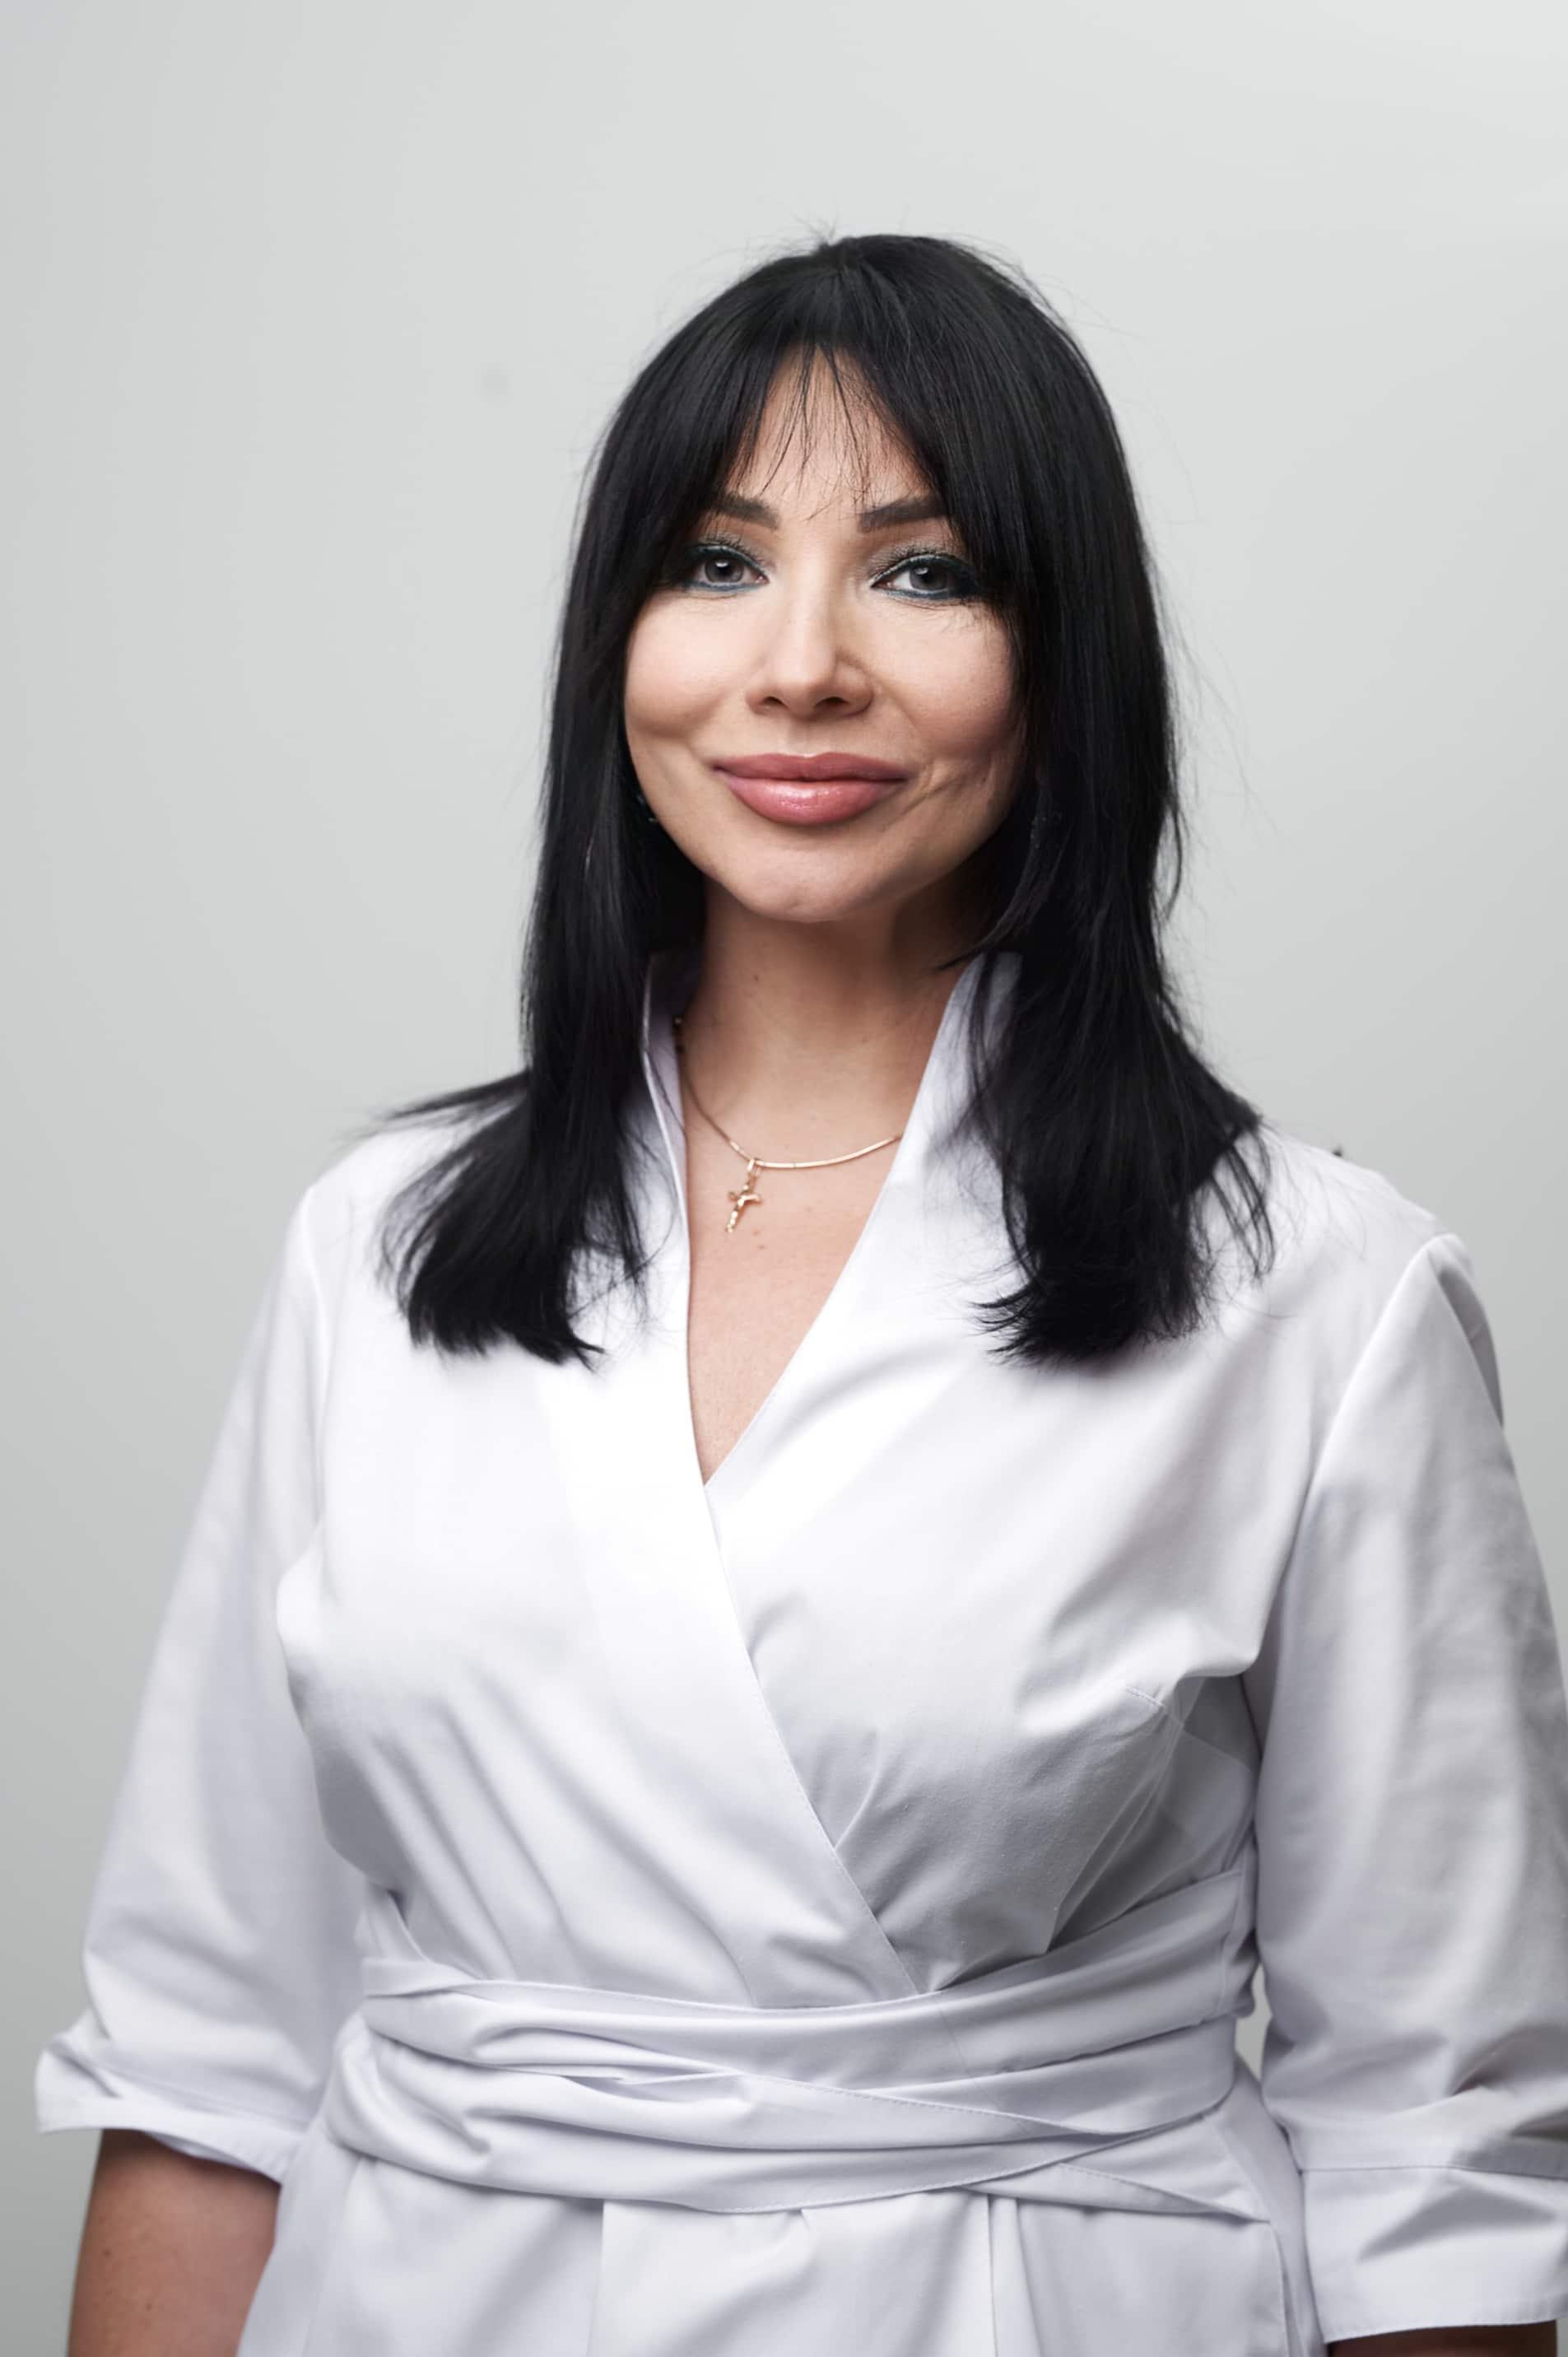 Цимбал Тетяна Валентинівна